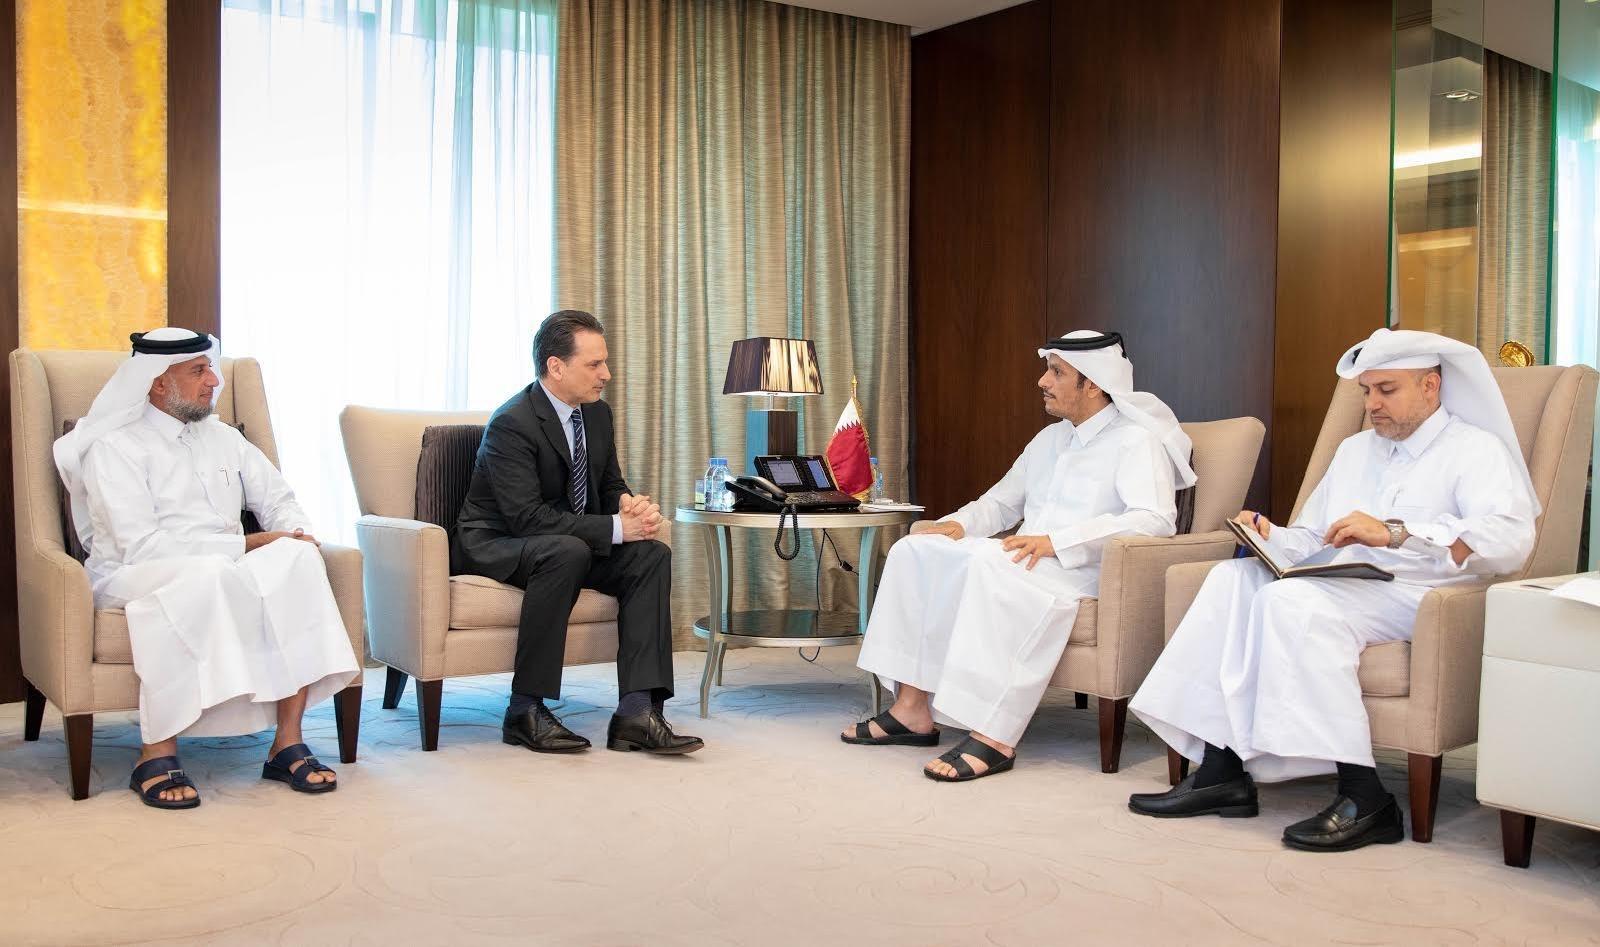 نائب رئيس مجلس الوزراء وزير الخارجية يجتمع مع المفوض العام للأونروا